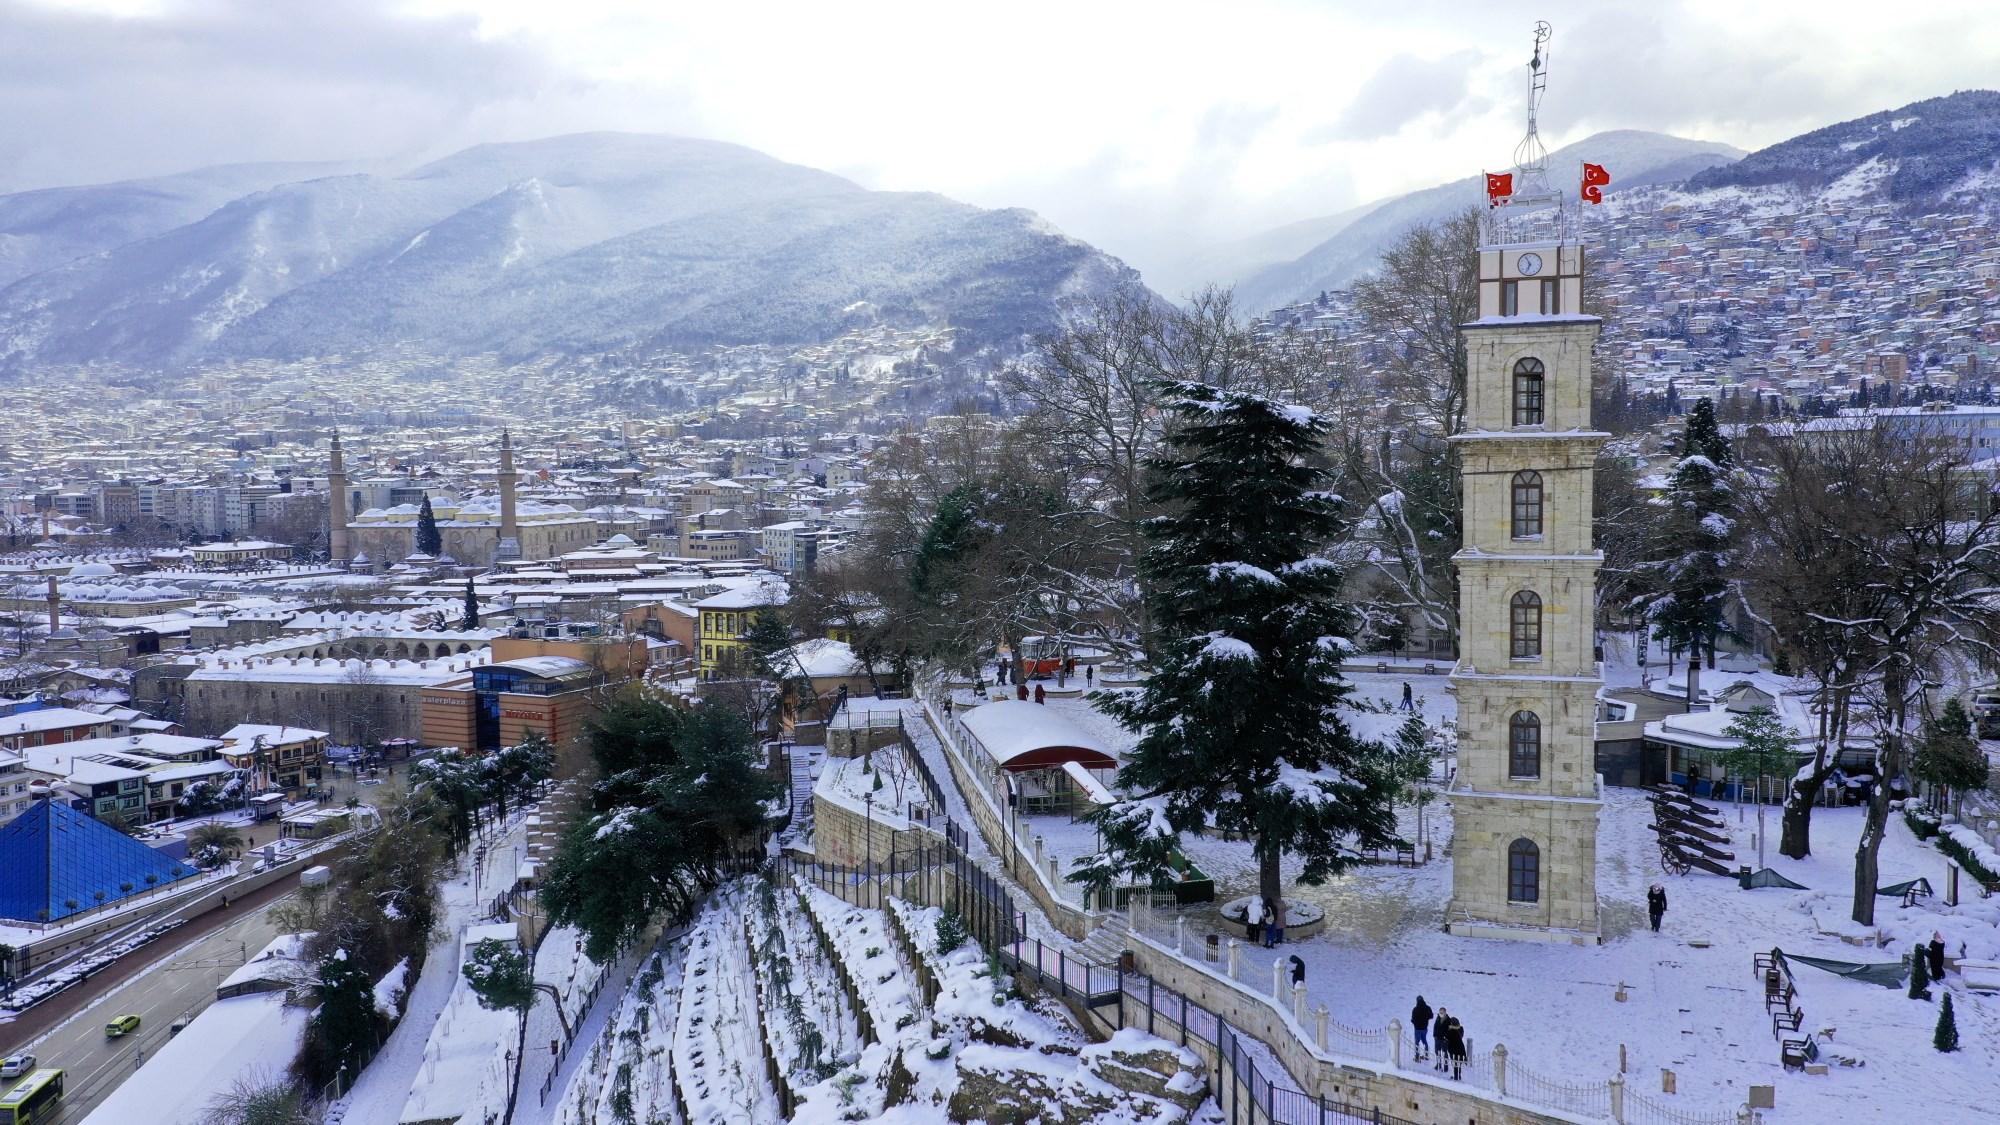 Beyaz gelinlik Bursa'ya çok yakıştı